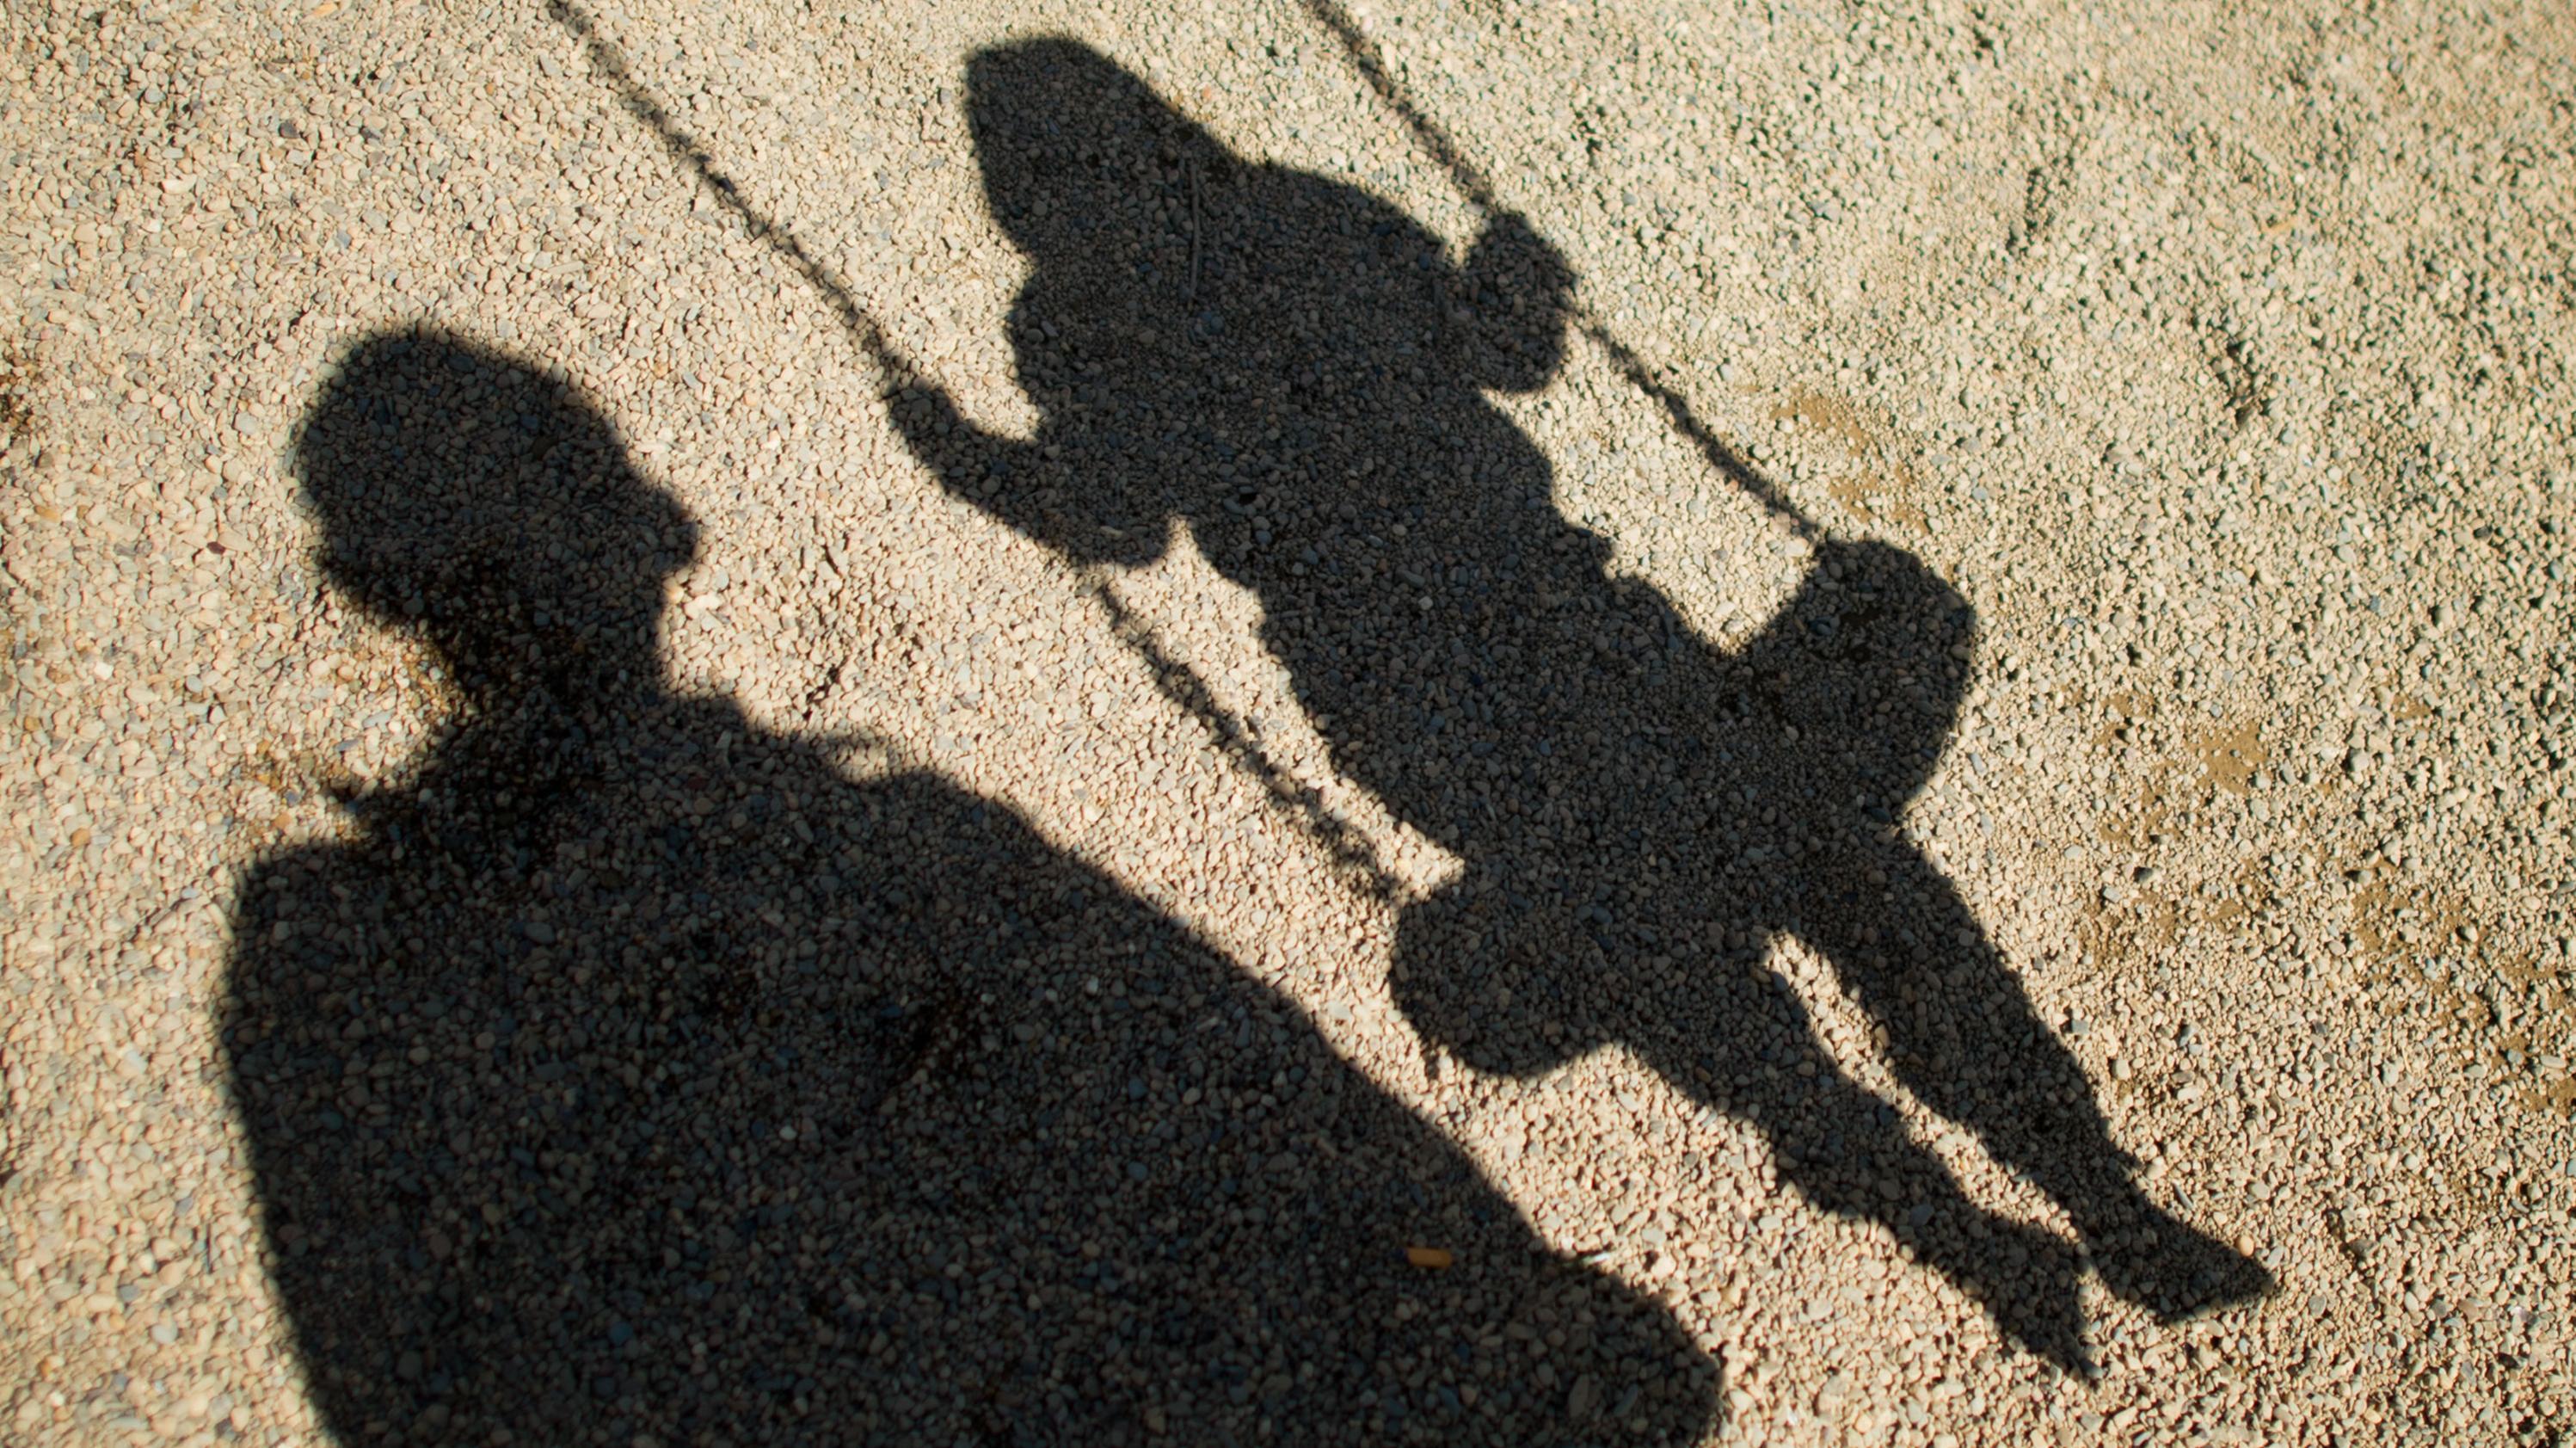 Der Schatten von einem Mann und einem schaukelnden Kind